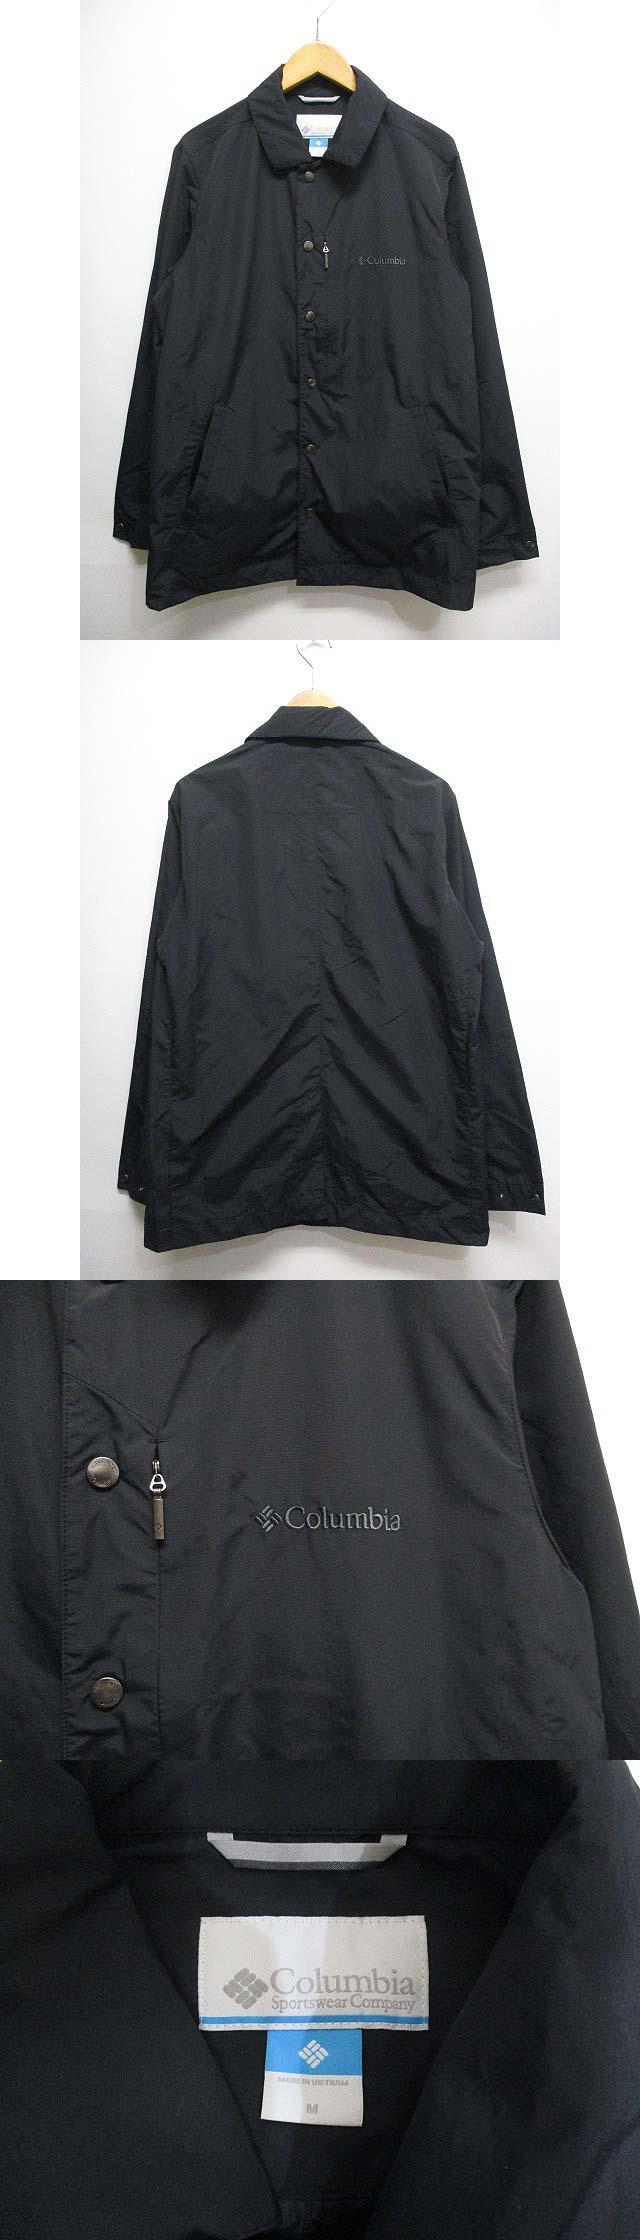 美品 PM3779 ホールズ スロープ ジャケット M 黒ブラック ナイロン コーチ ゼビオ限定 アウトドア